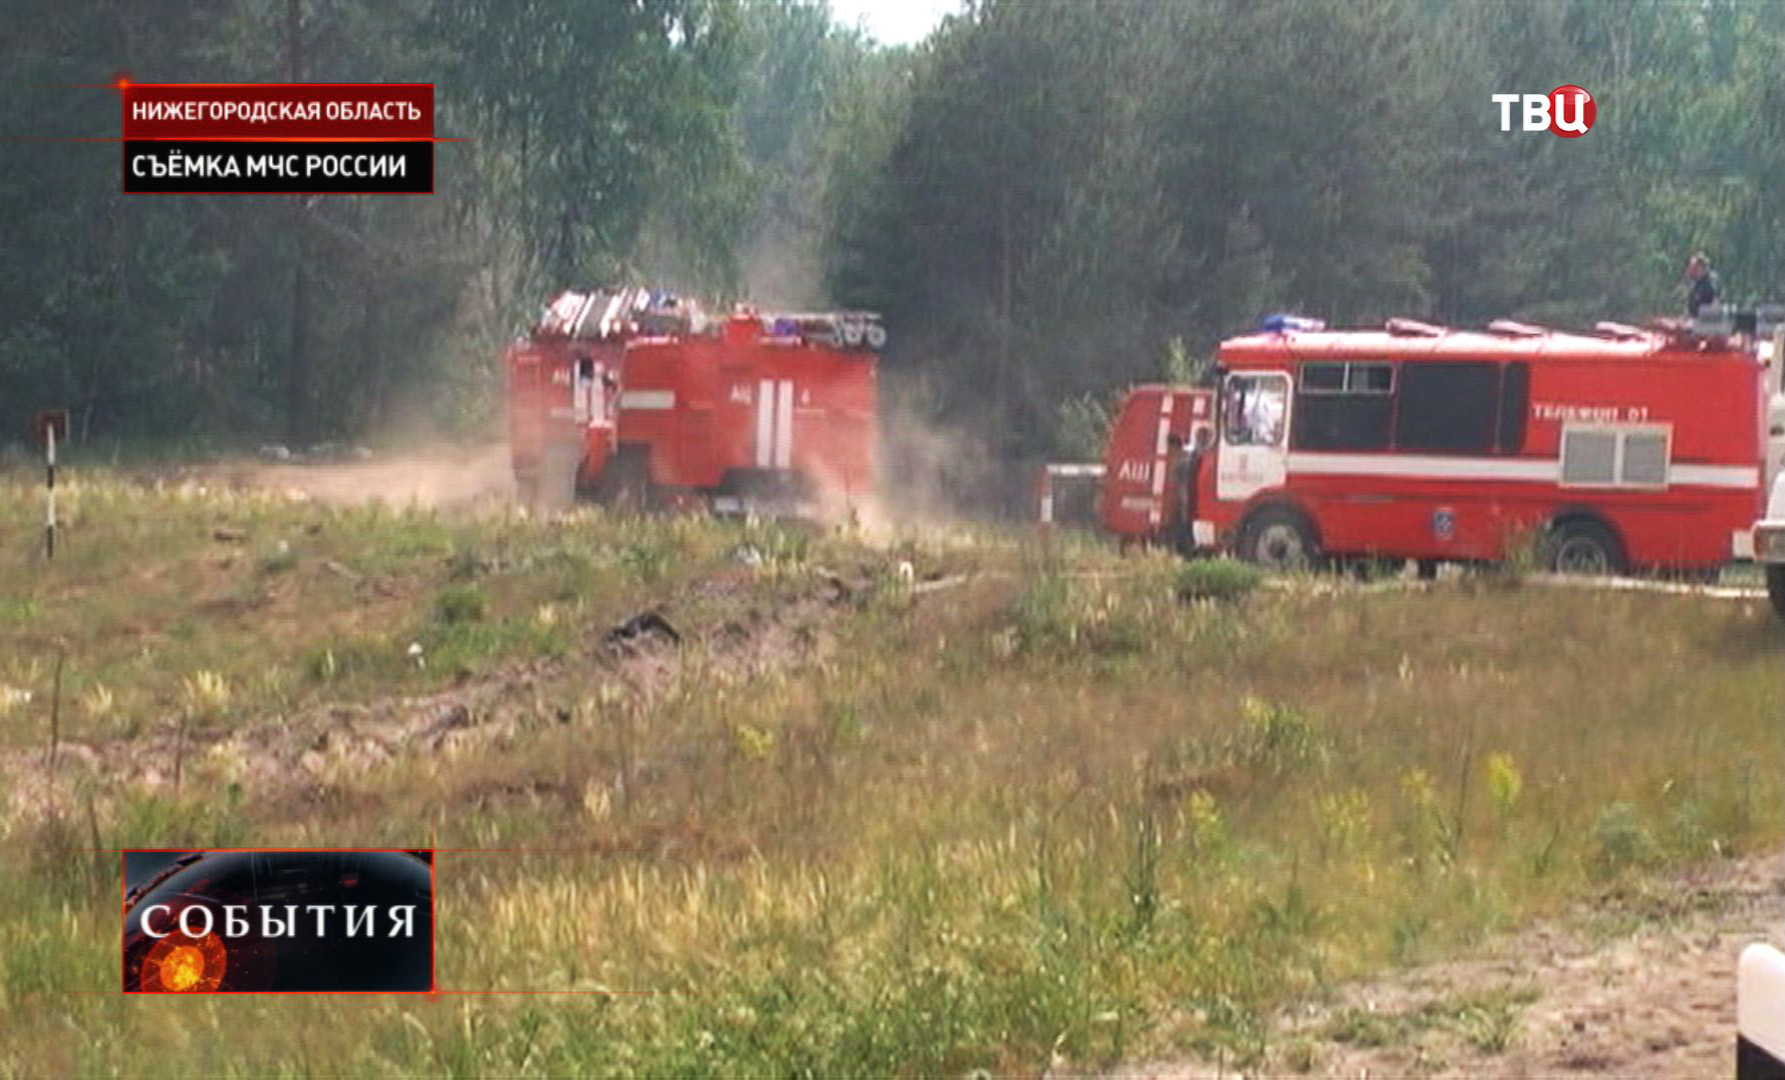 Тушение лесного пожара в Нижегородской области